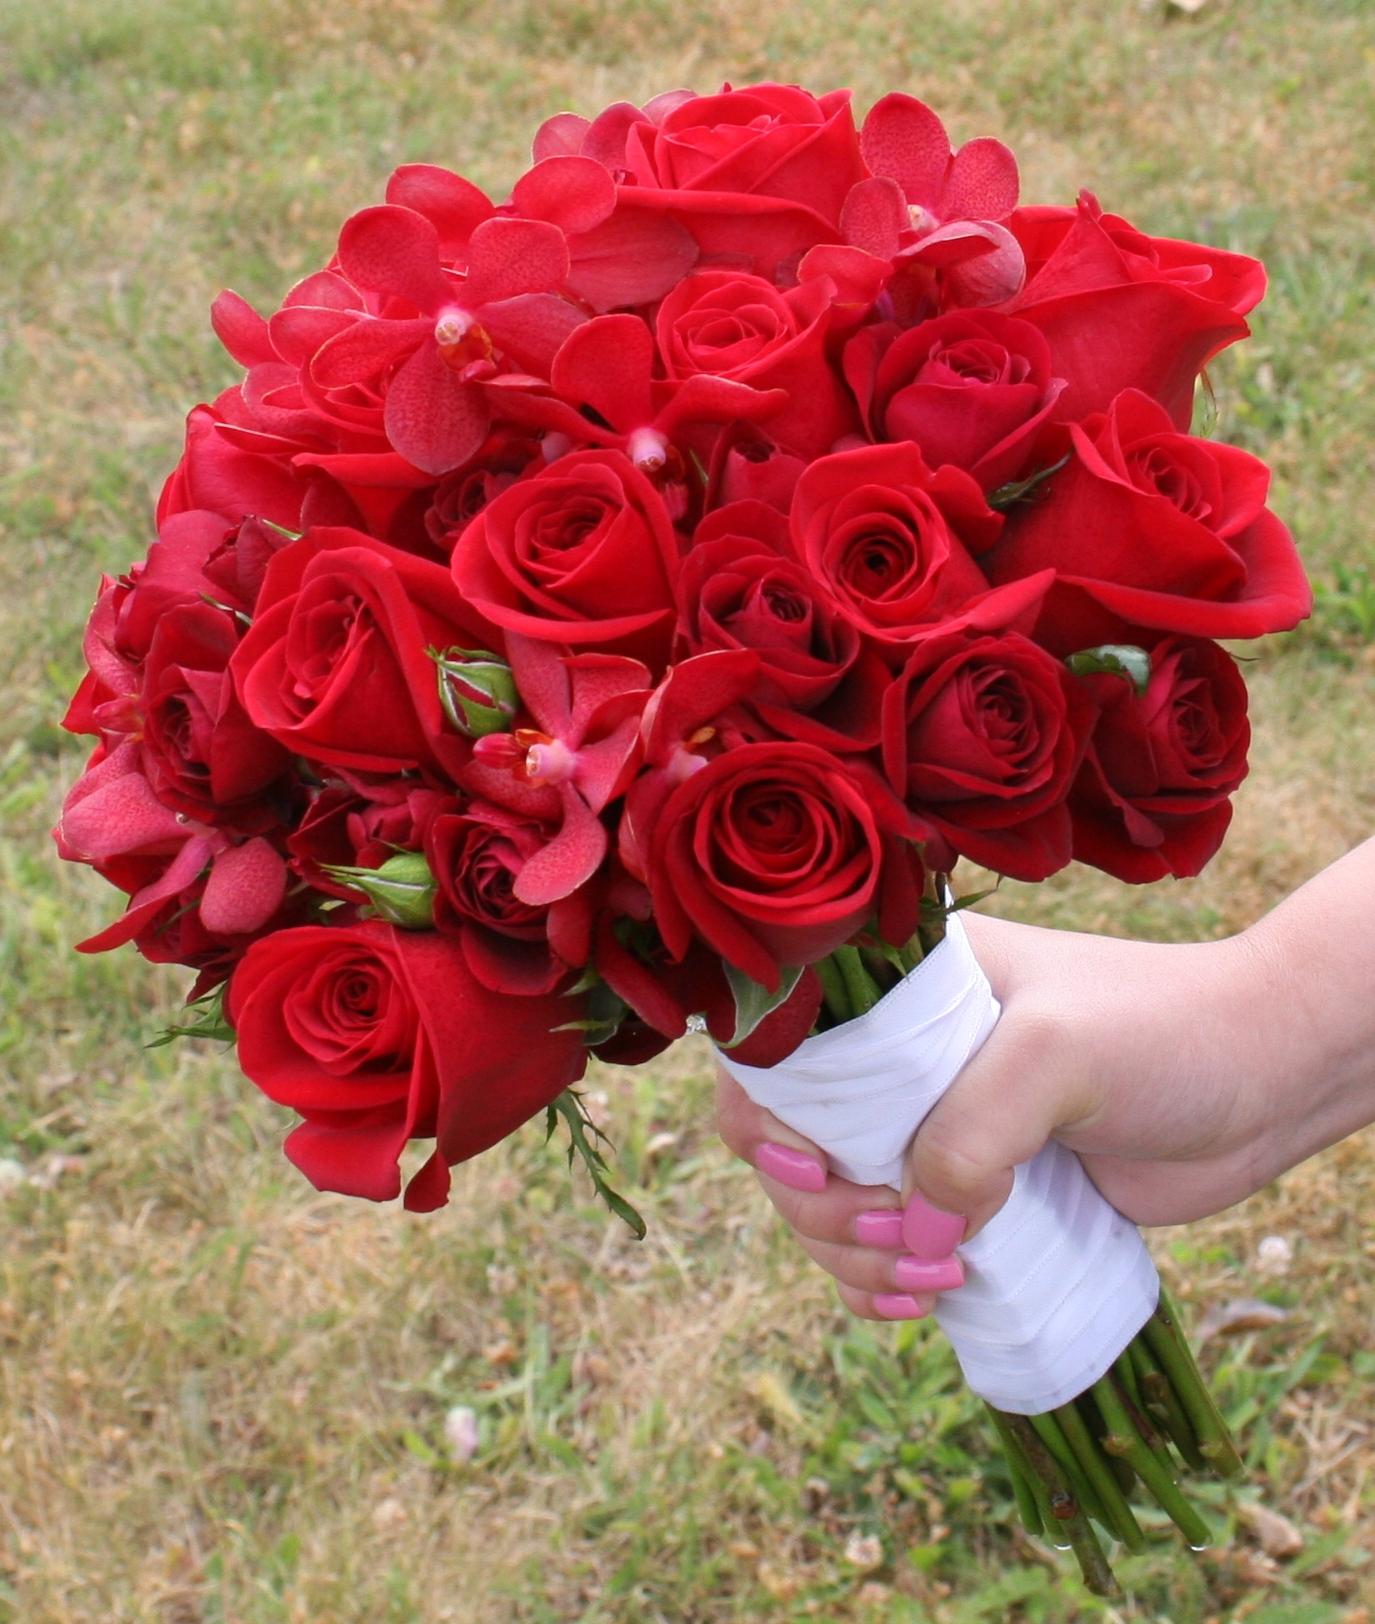 صور بوكيه ورد احمر , اجمل صور لبوكيهات الورد باللون الاحمر